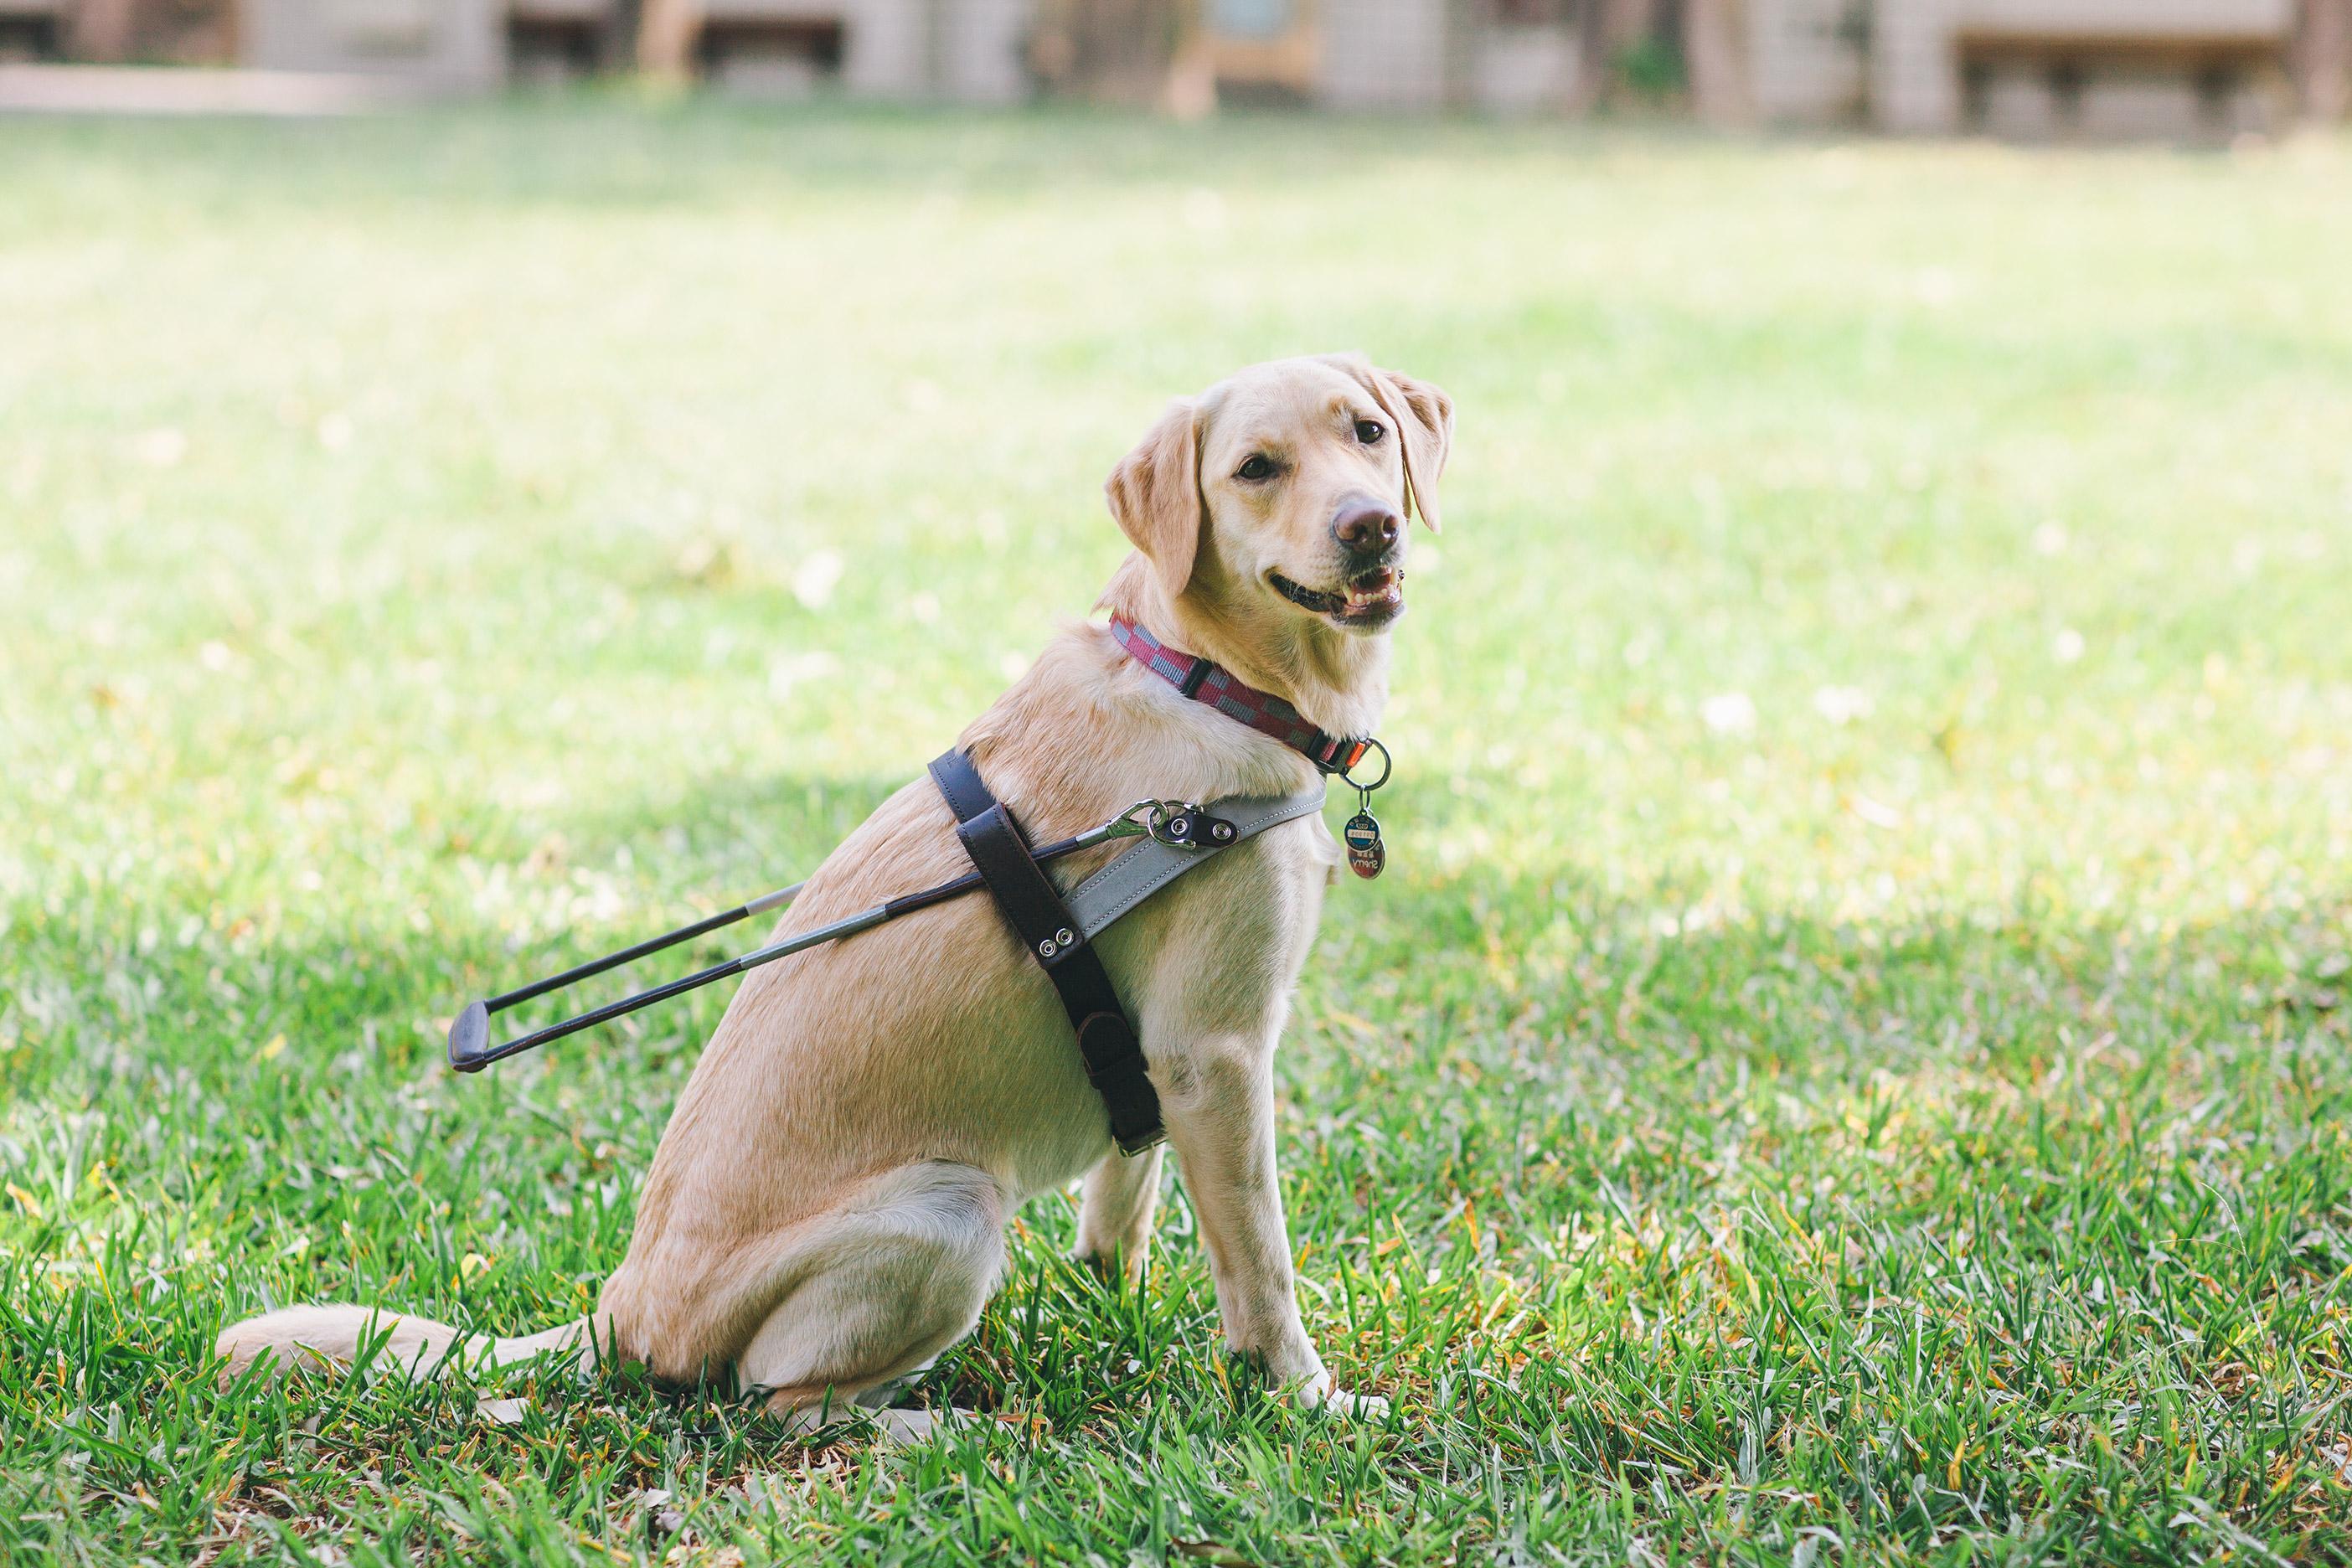 黃色的導盲犬戴著導盲鞍坐在草地上